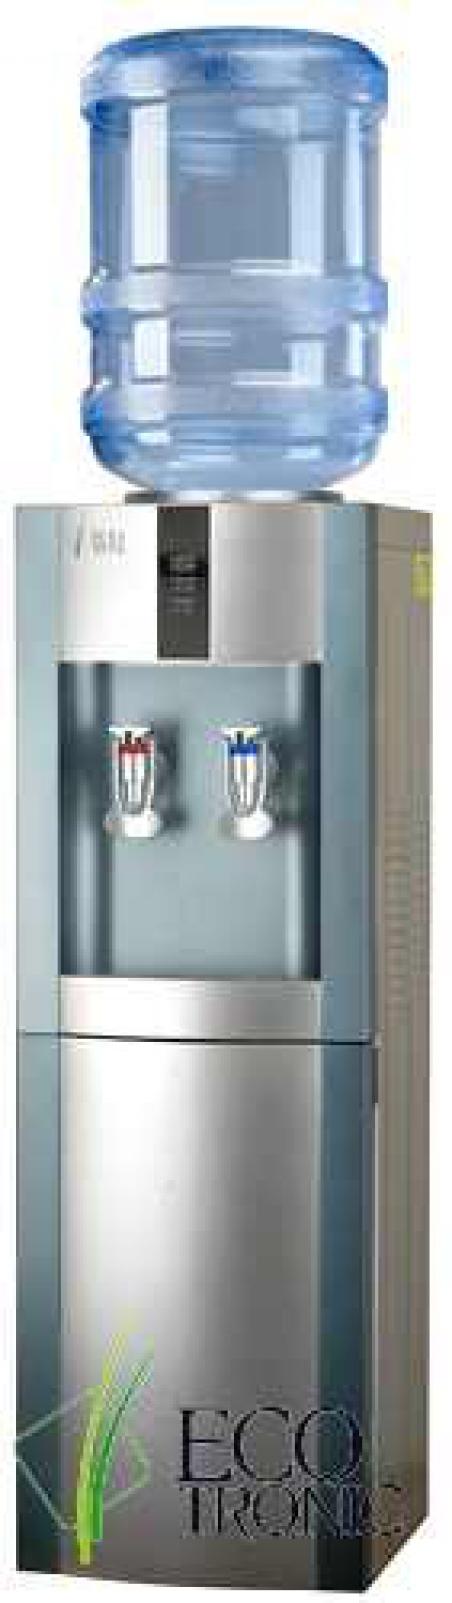 Кулер для воды с холодильником Ecotronic H1-LF - 111